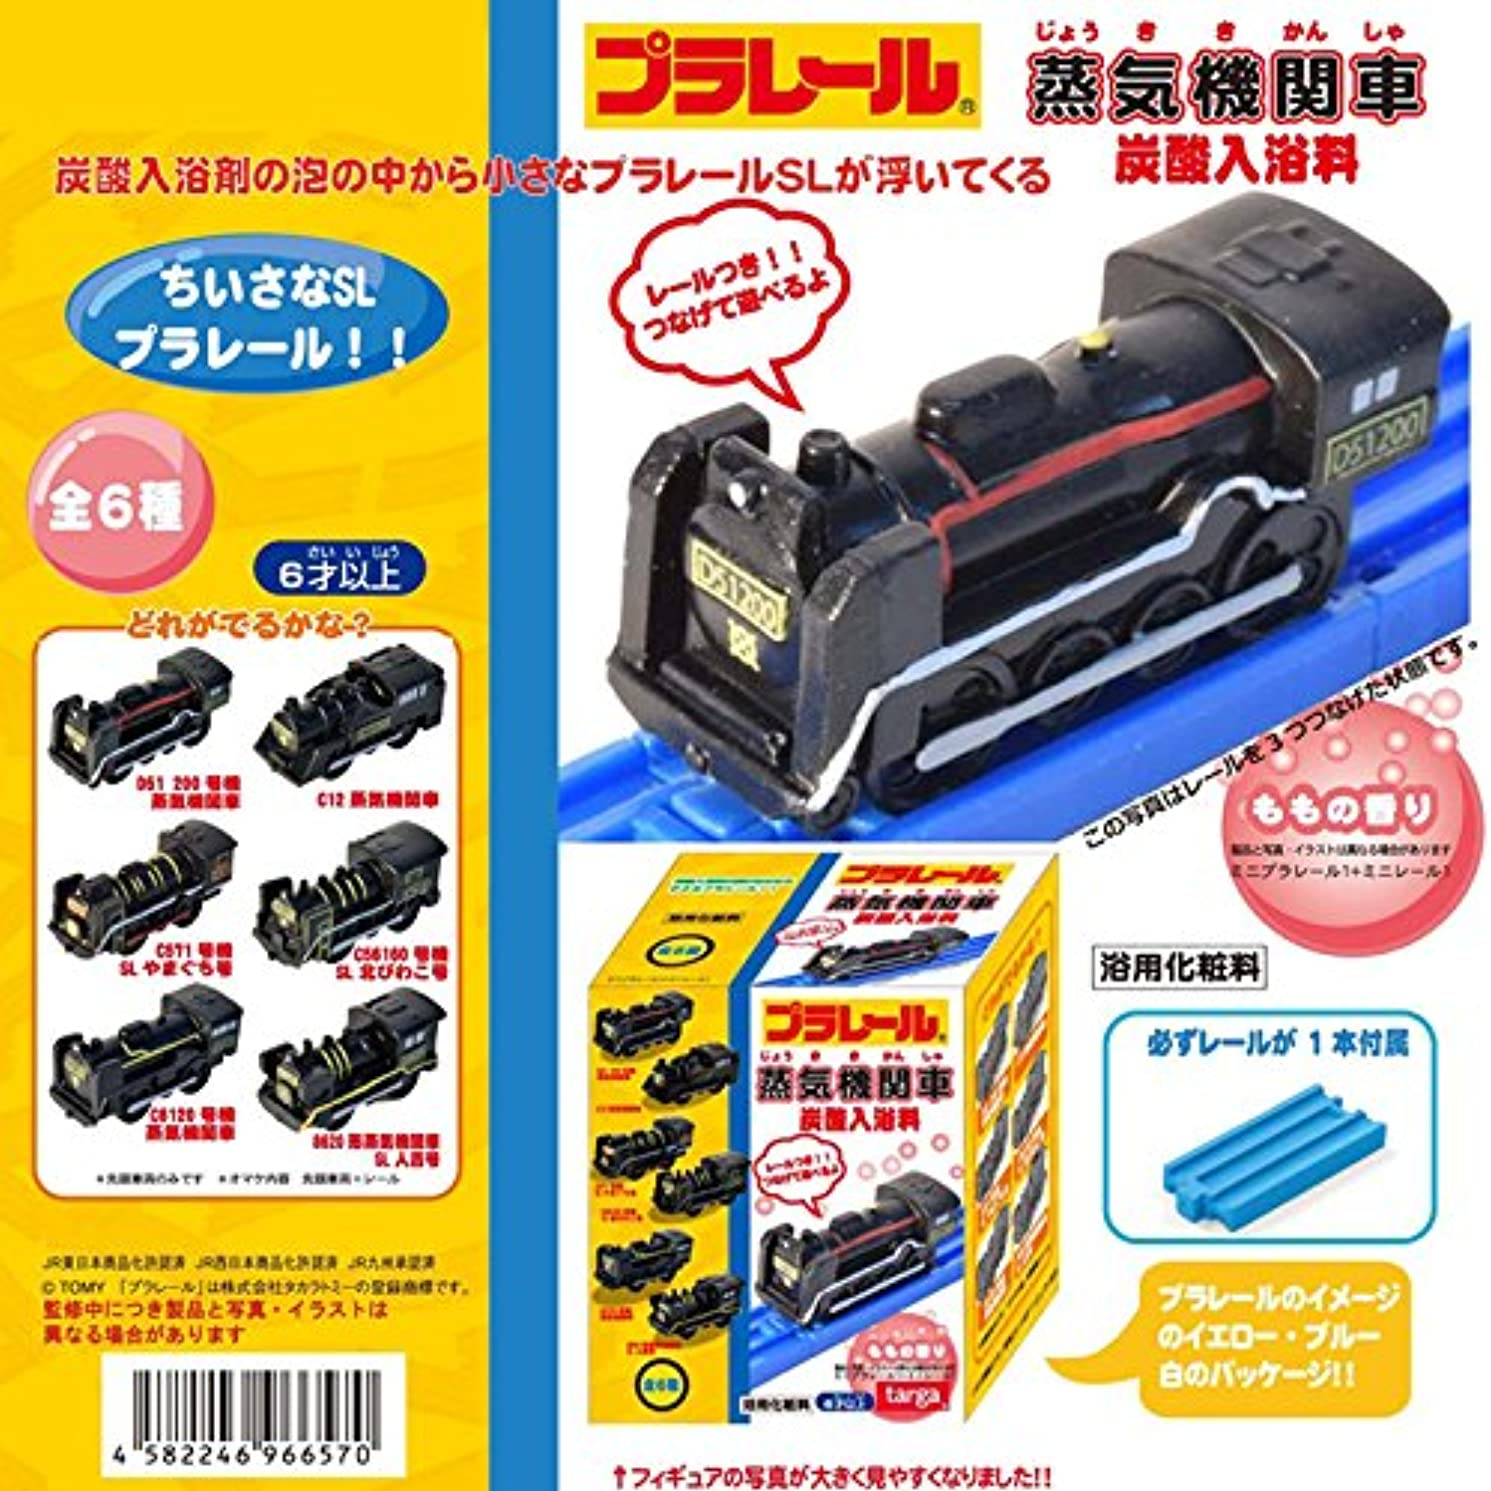 究極の平和な電球プラレール 蒸気機関車 炭酸入浴料 6個1セット ももの香り レールつき機関車 入浴剤